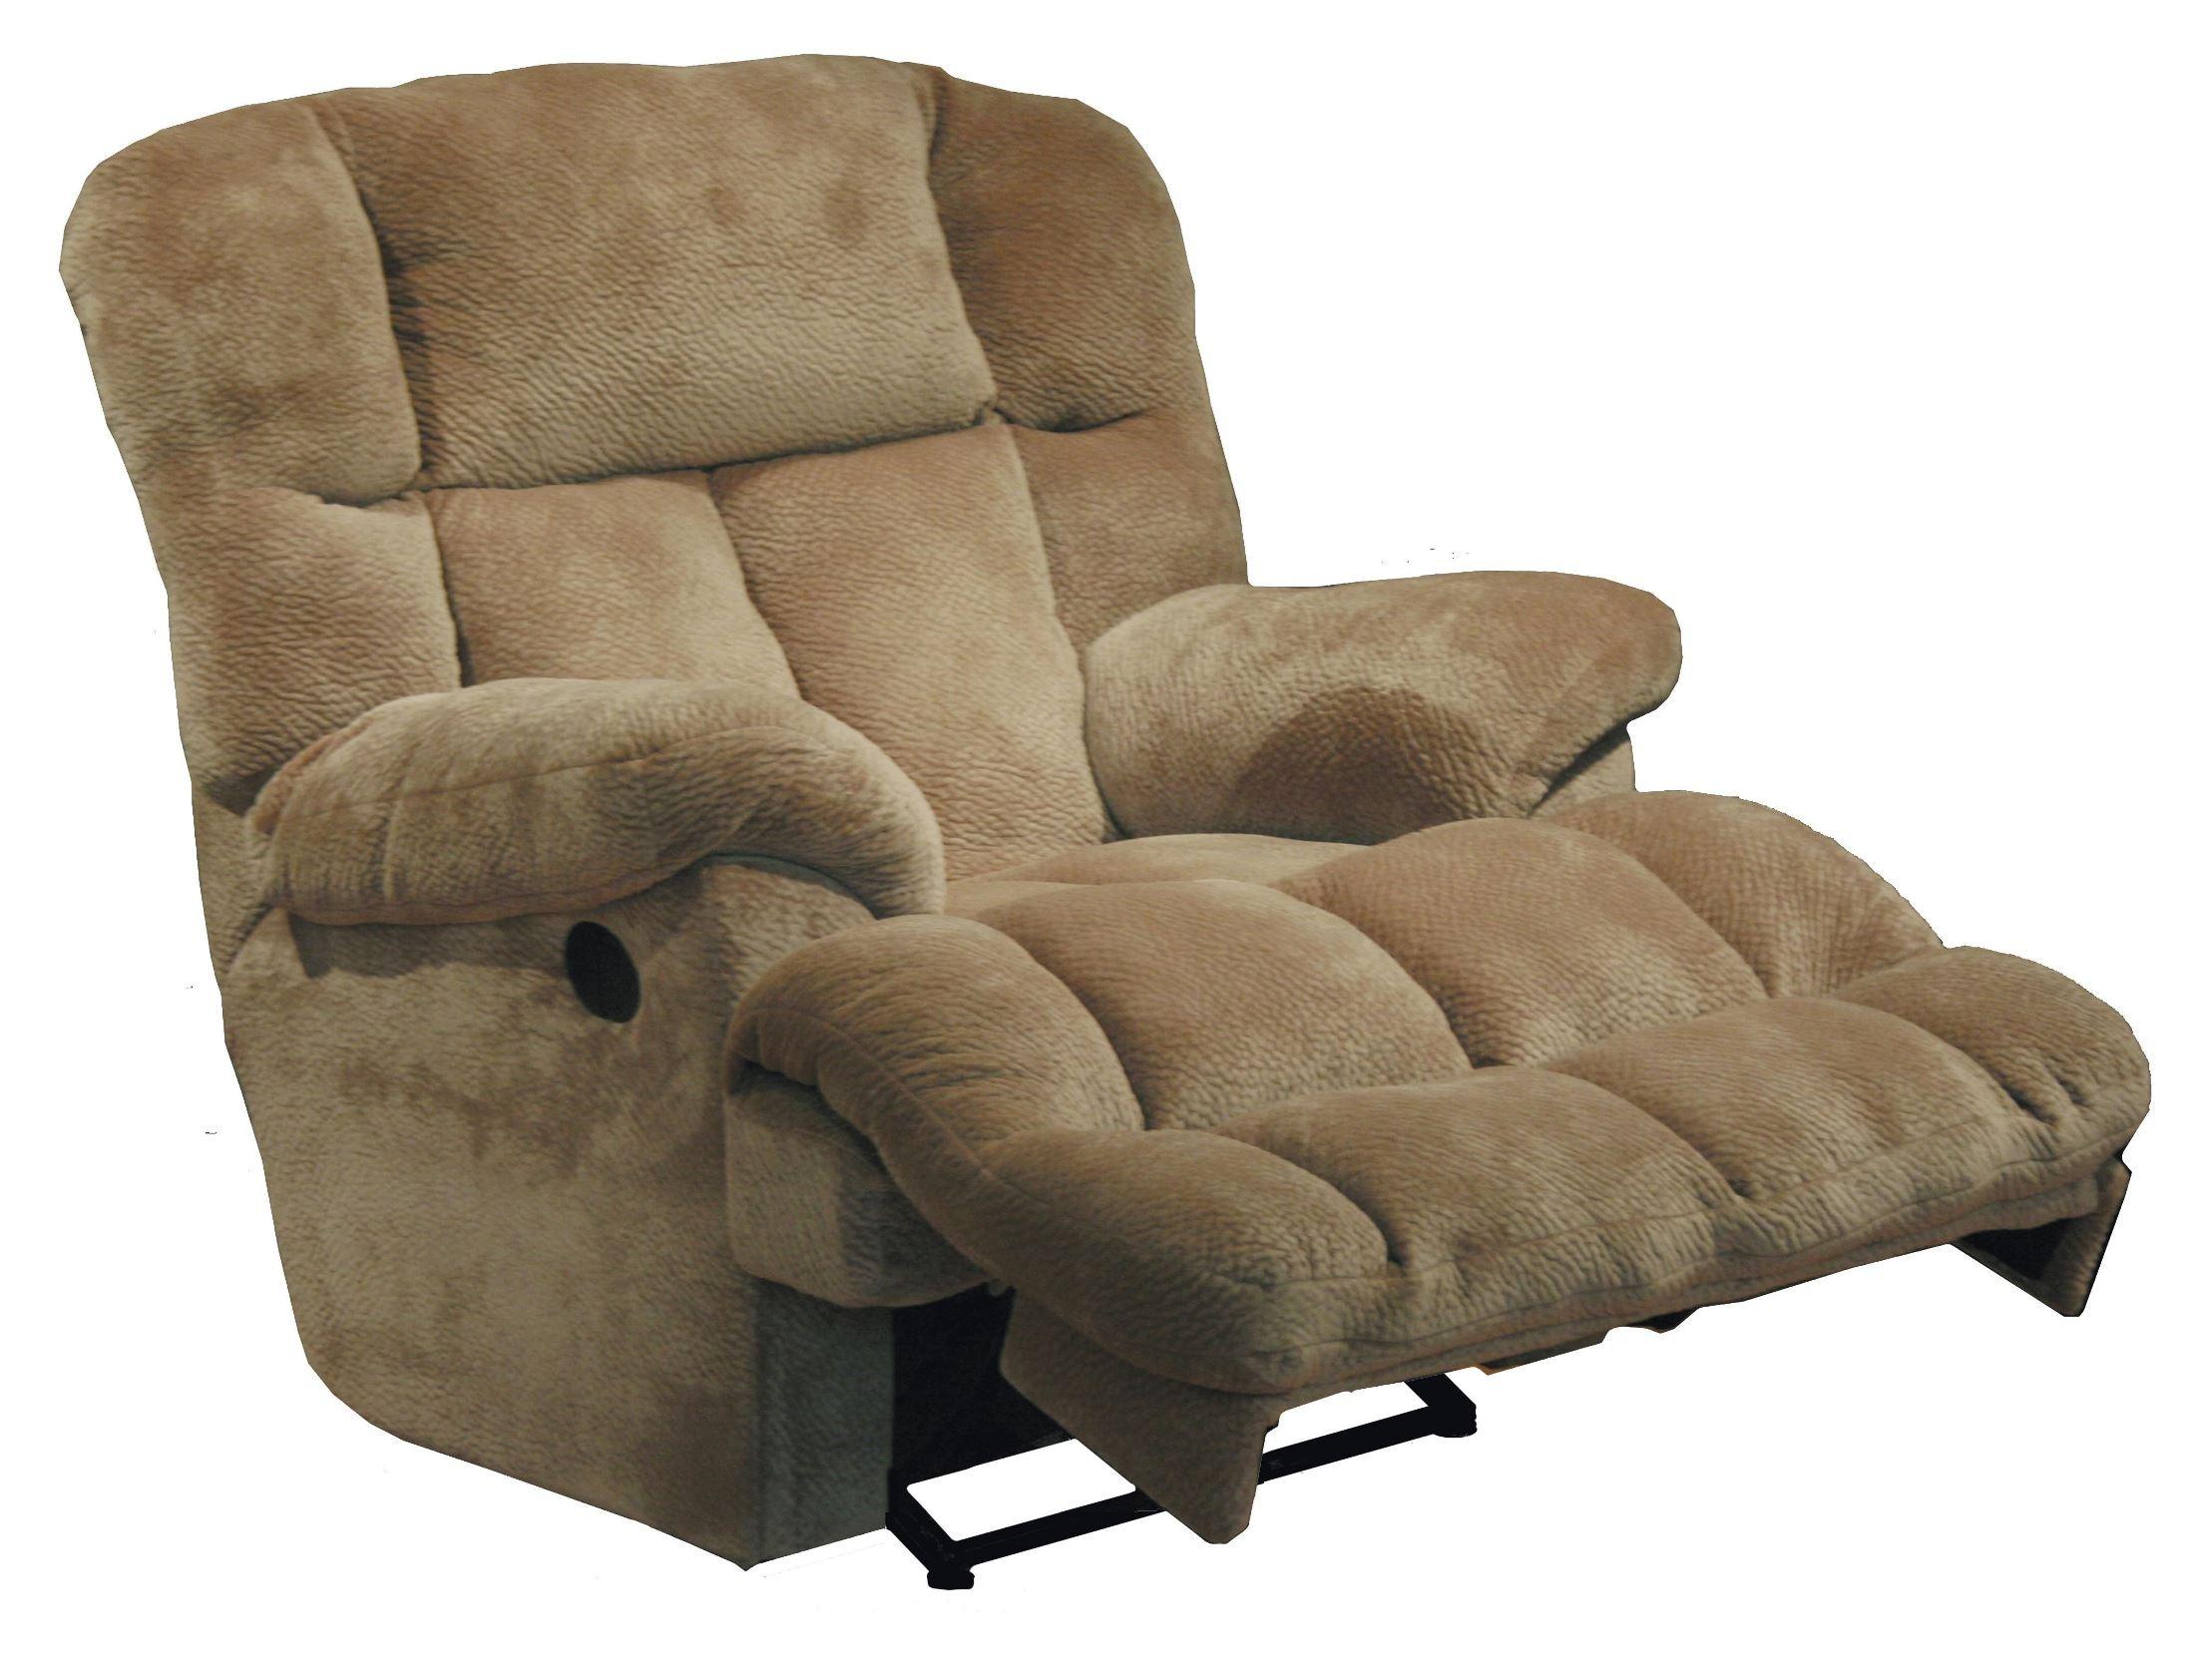 Cloud 12 camel chaise rocker recliner from catnapper for Catnapper cloud nine chaise recliner